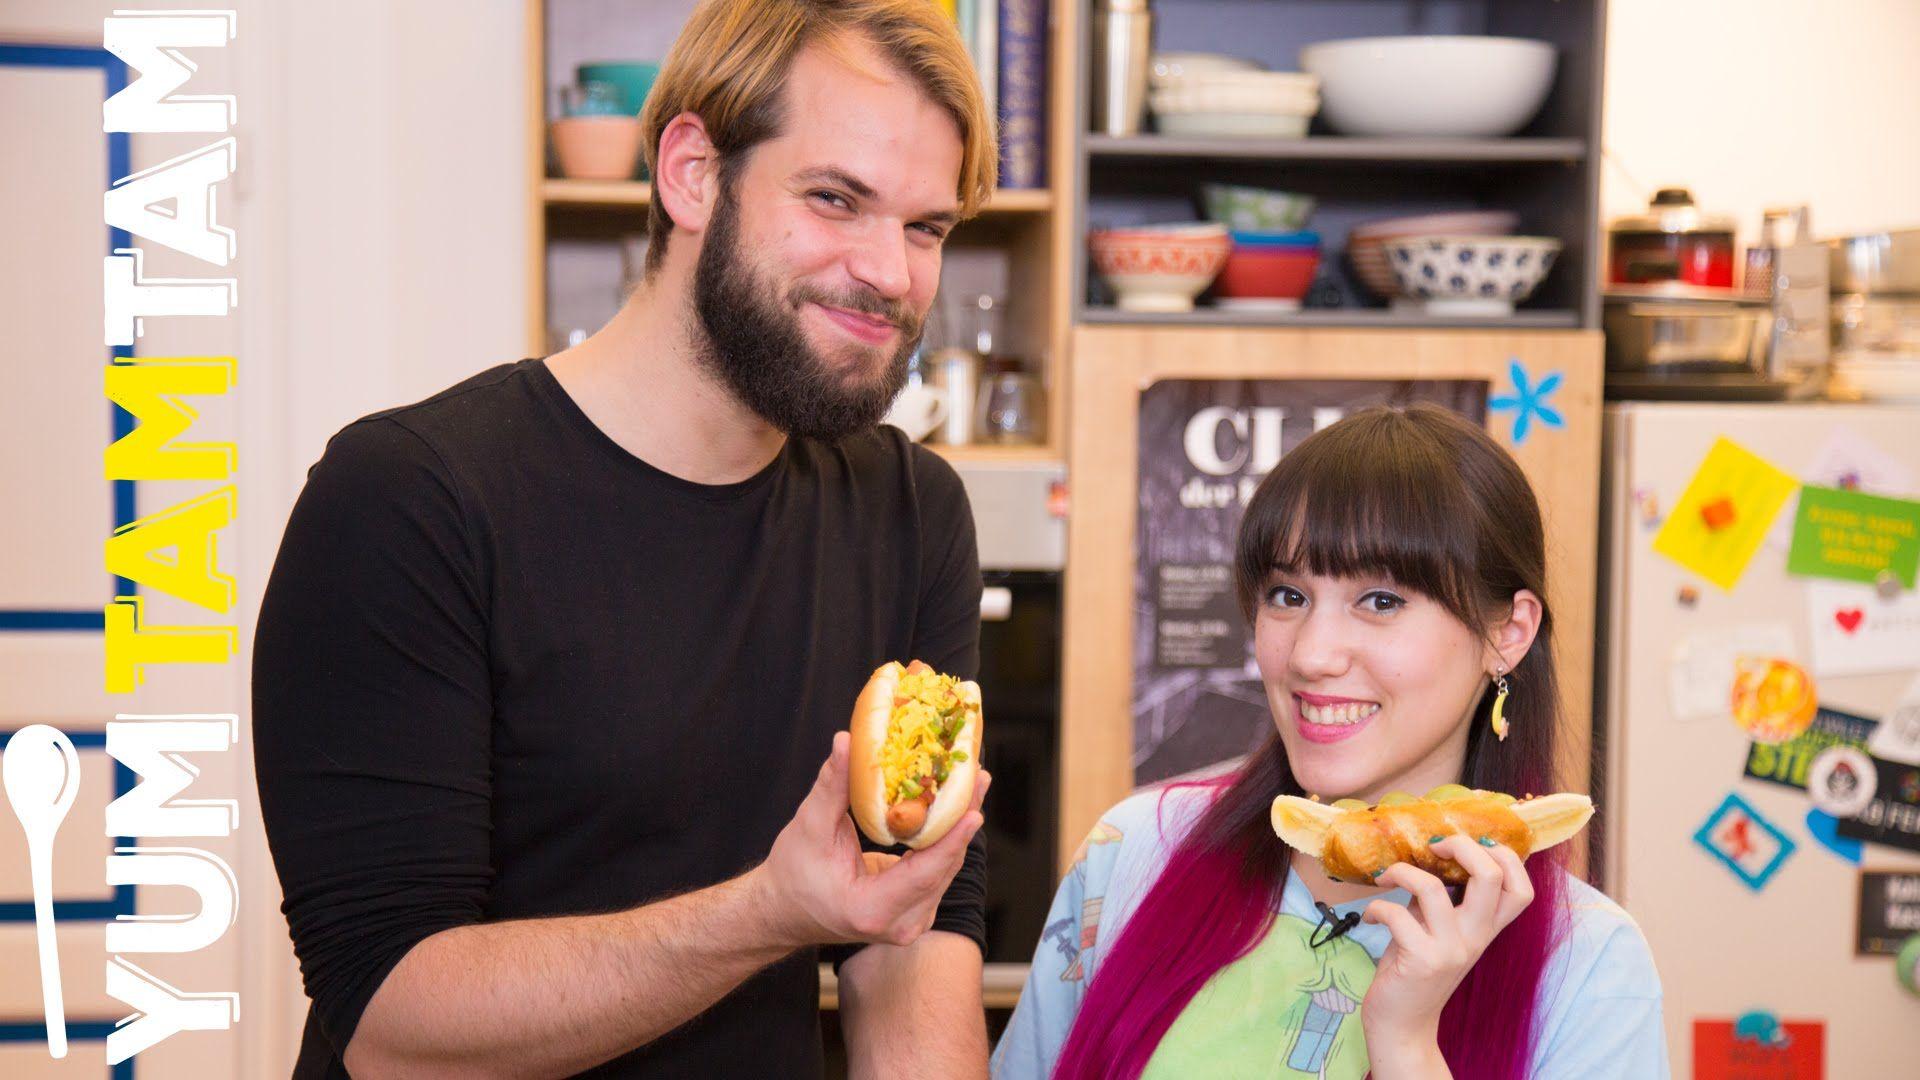 2x Hot Dog // Mexikanisch & süß // #yumtamtam (die mexikanische Variante klingt SUPERLECKER)